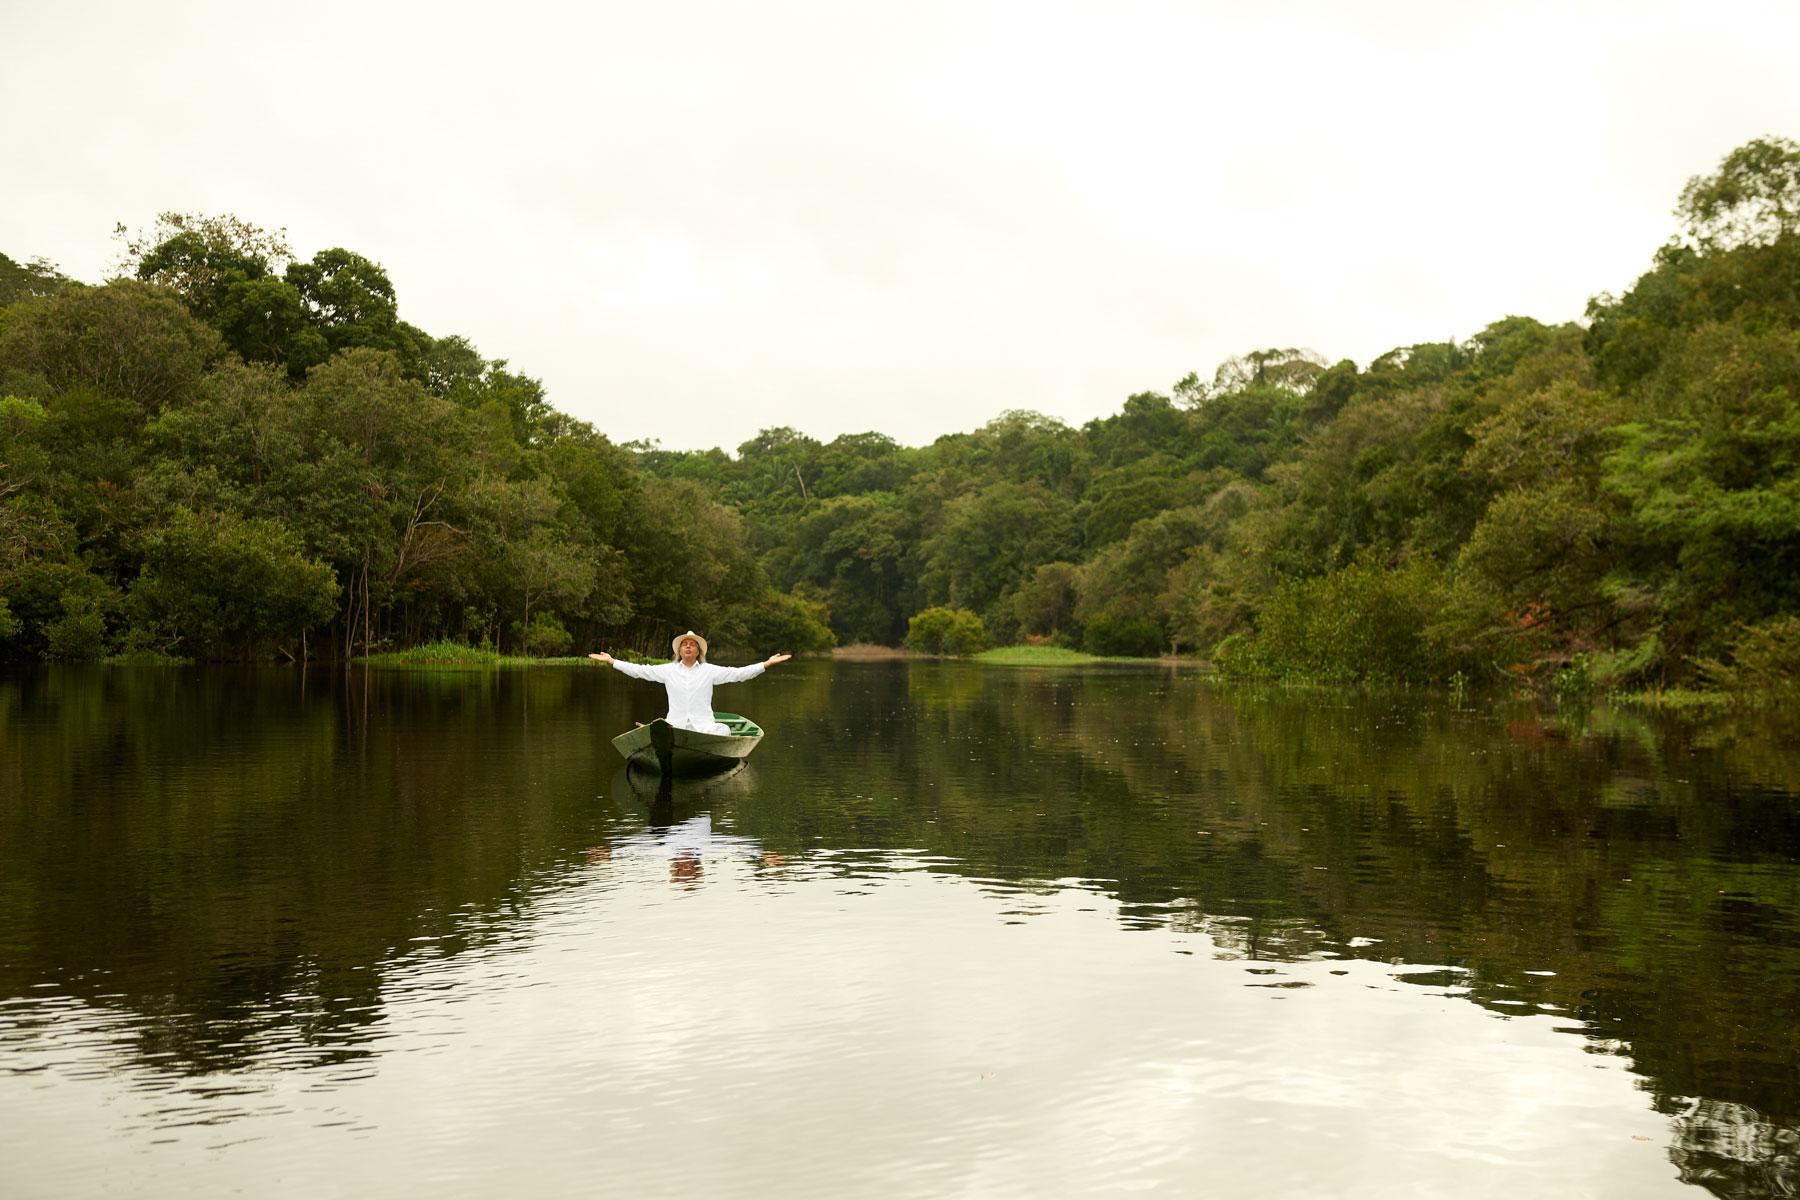 Foto eines Mannes in Weiß mit ausgebreiteten Armen in einem Holzboot sitzend, das Wasser und den umliegenden Regenwald segnet